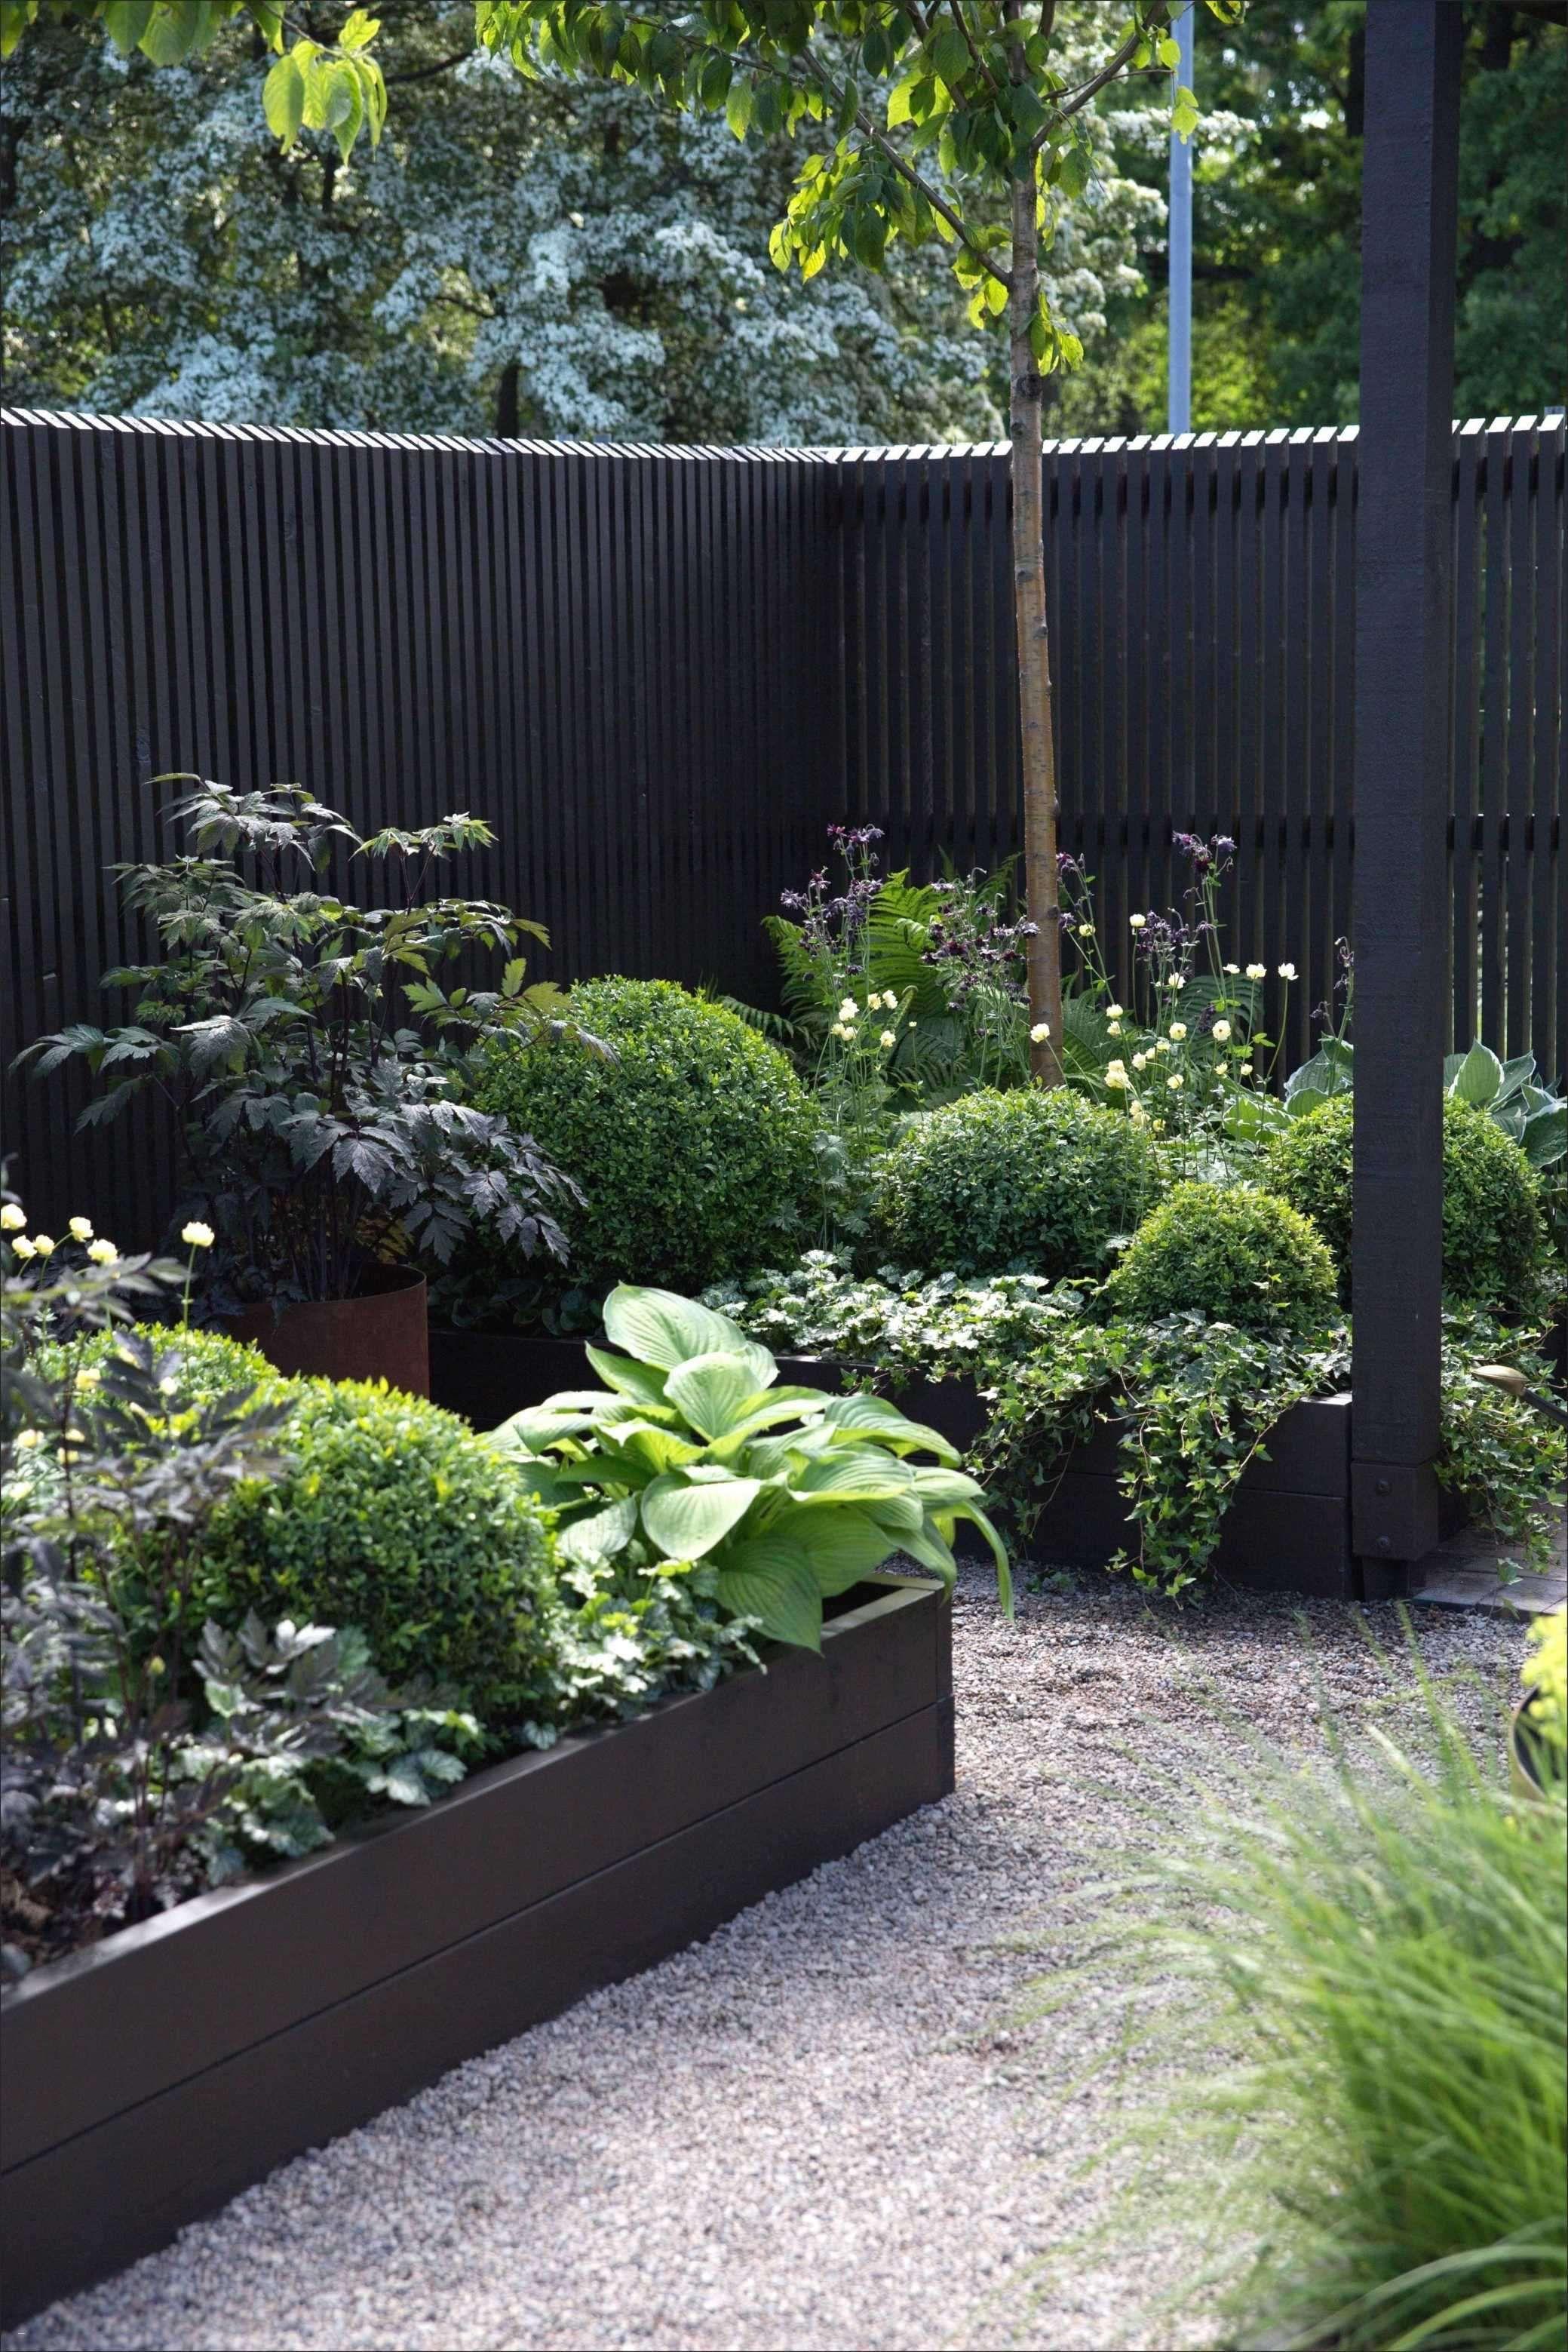 Einzigartig 42 Zum Garten Ideen Selber Machen Garten Zeitgenossischer Garten Gartengestaltung